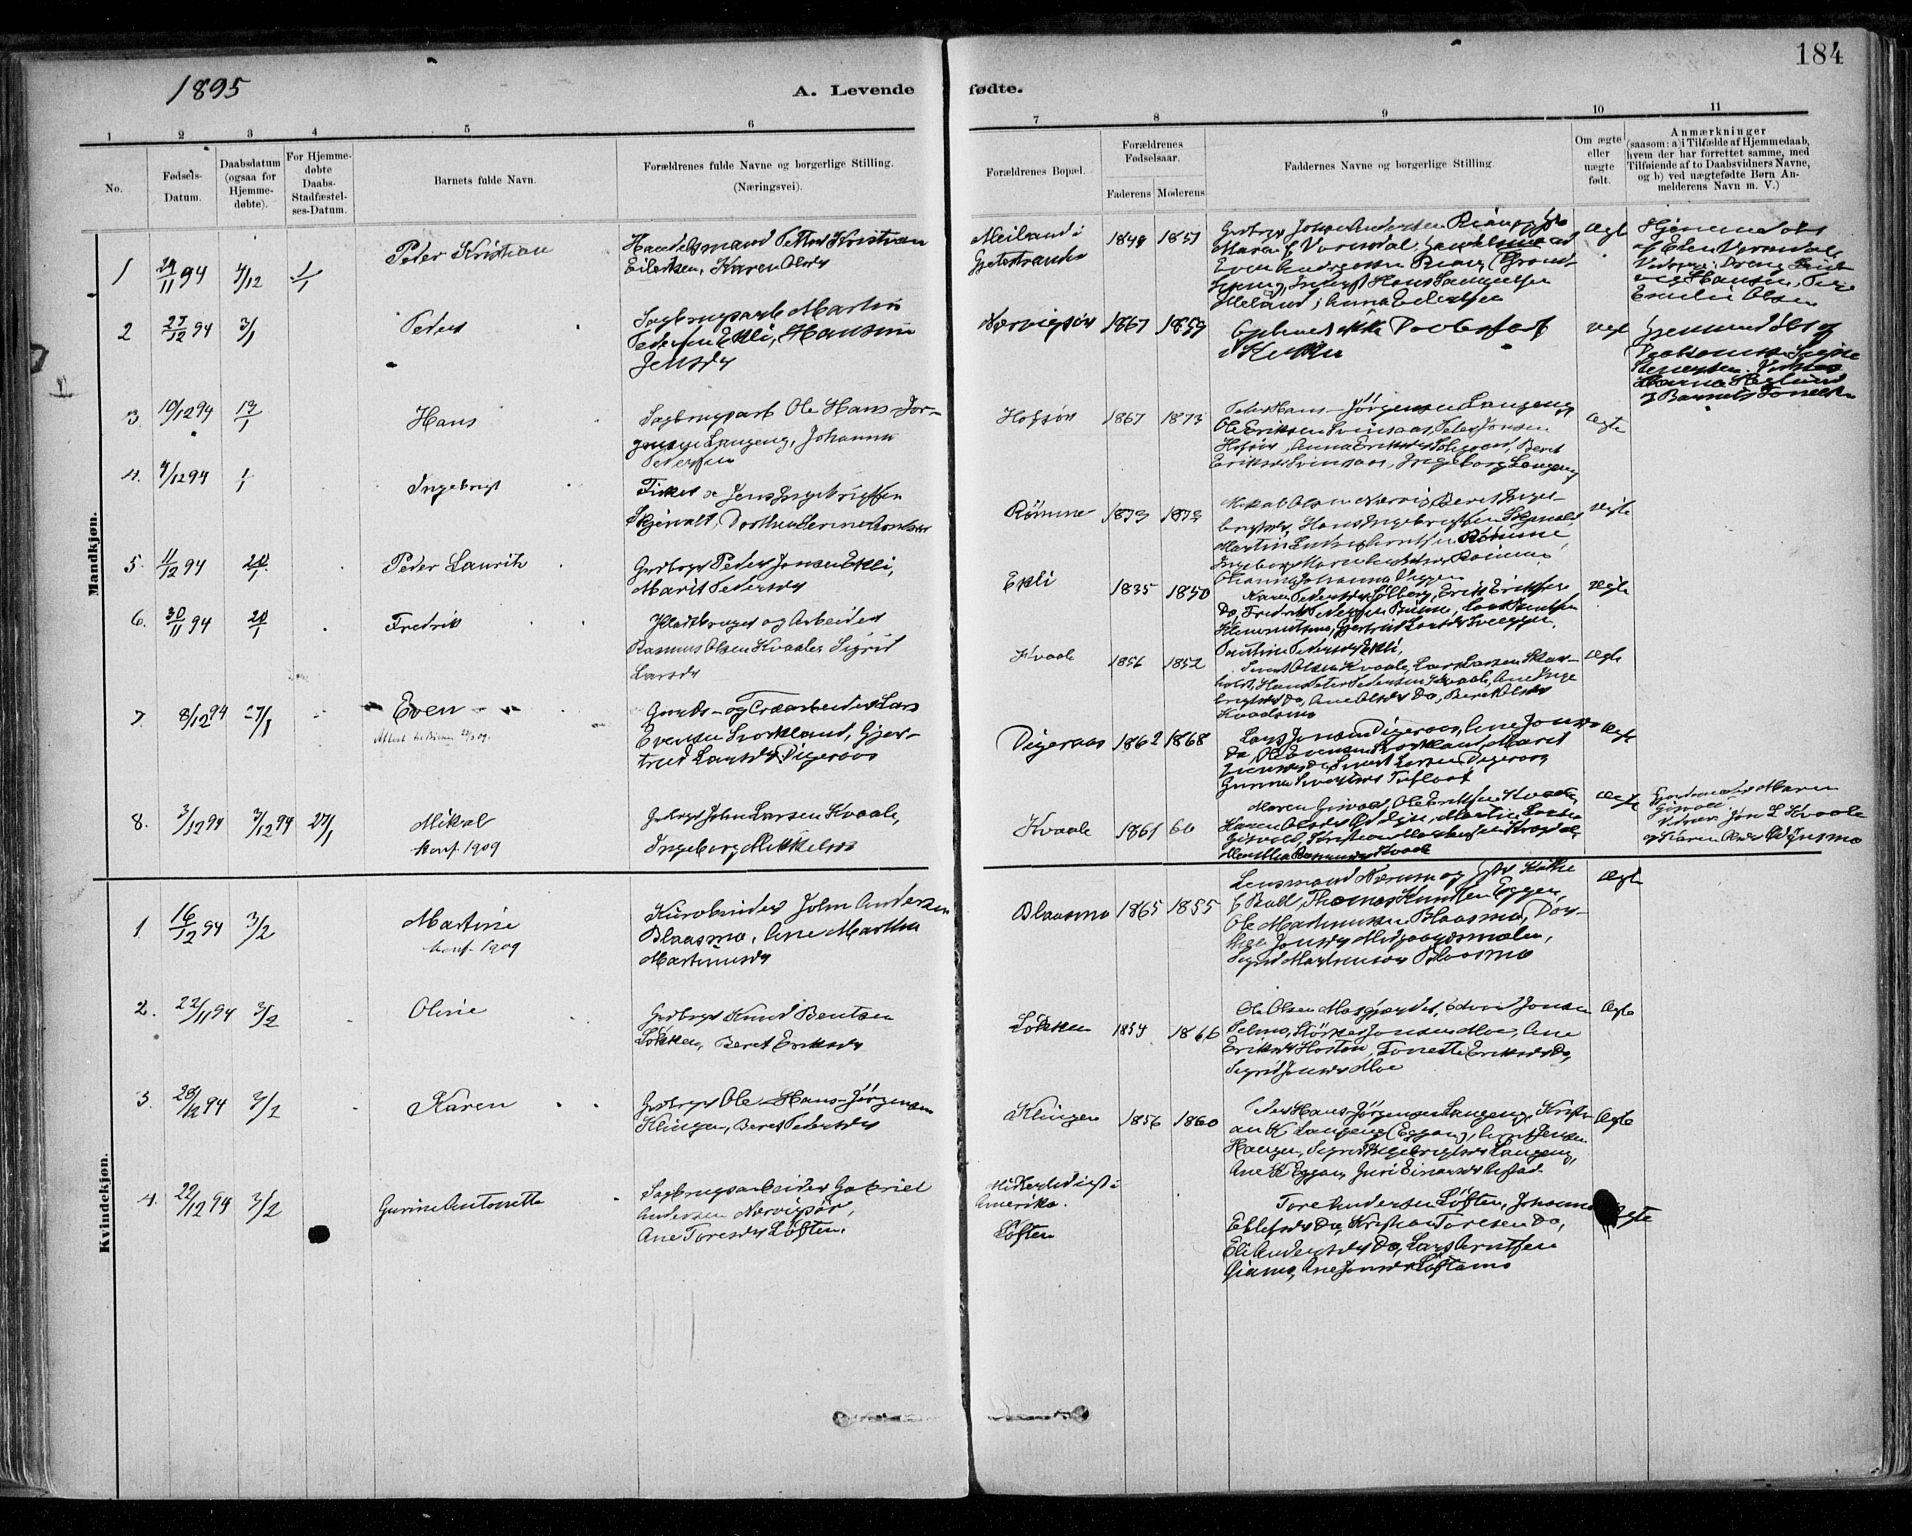 SAT, Ministerialprotokoller, klokkerbøker og fødselsregistre - Sør-Trøndelag, 668/L0809: Ministerialbok nr. 668A09, 1881-1895, s. 184